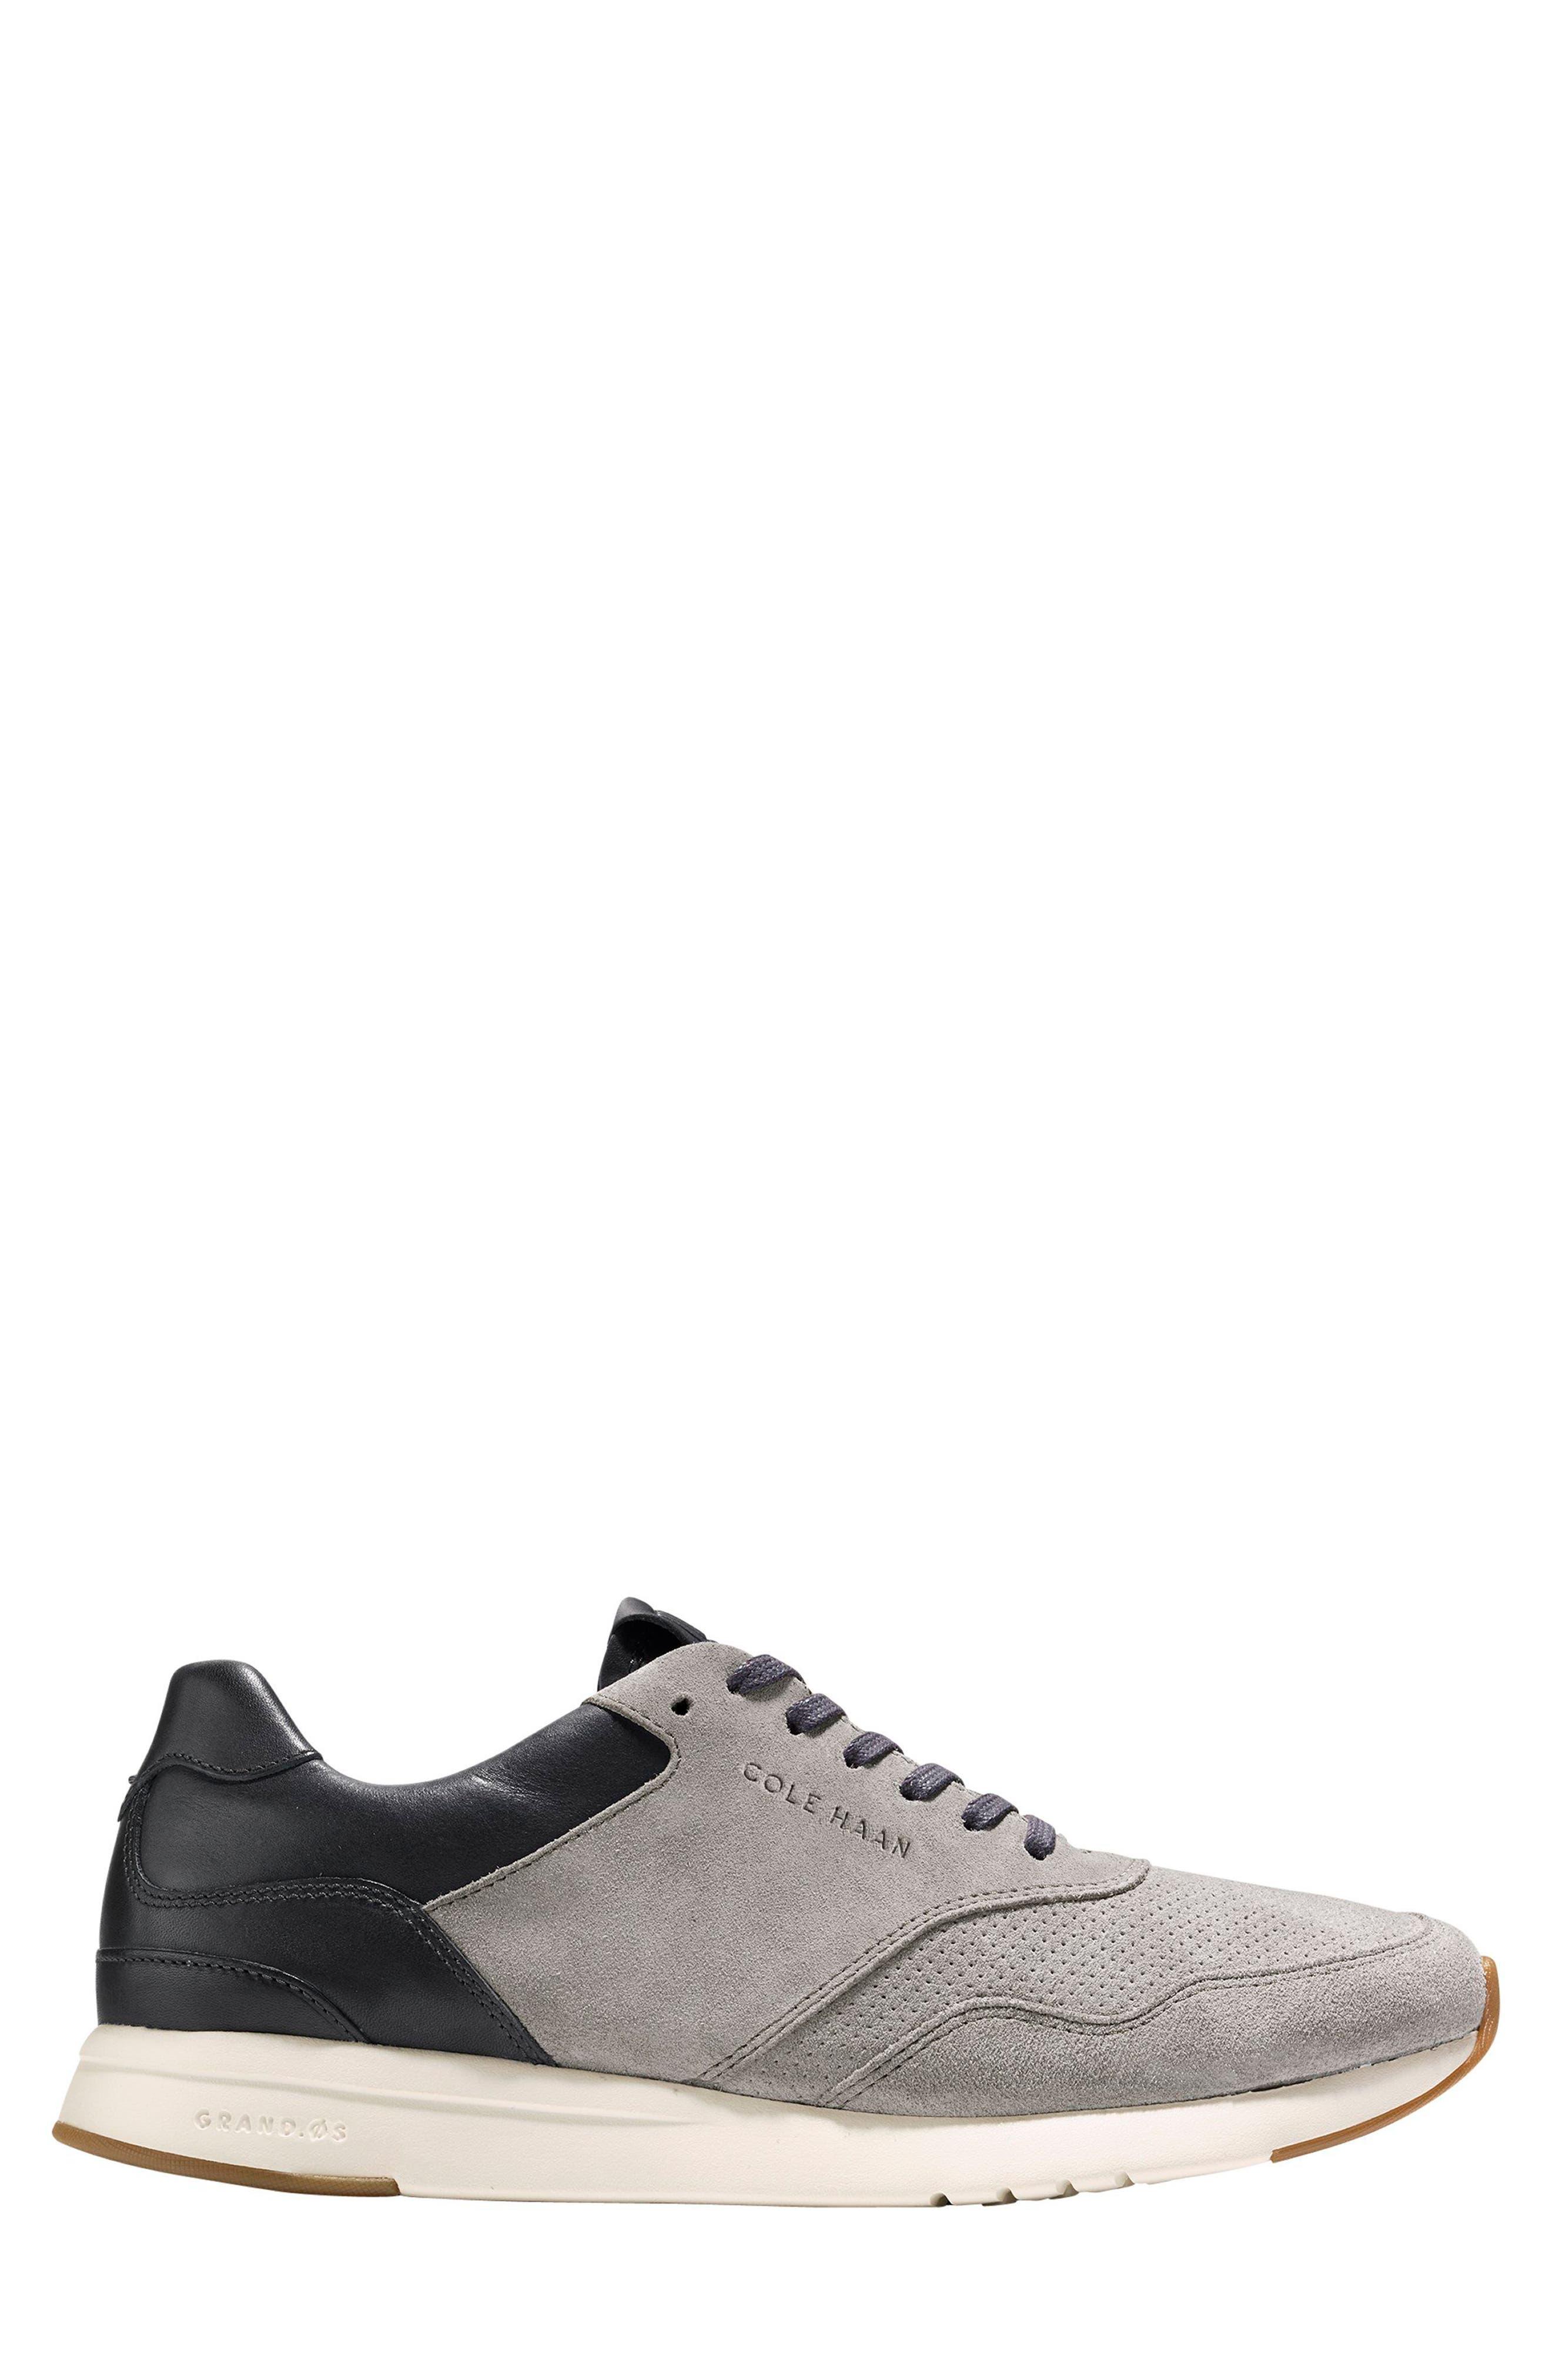 GrandPro Runner Sneaker,                             Alternate thumbnail 3, color,                             020